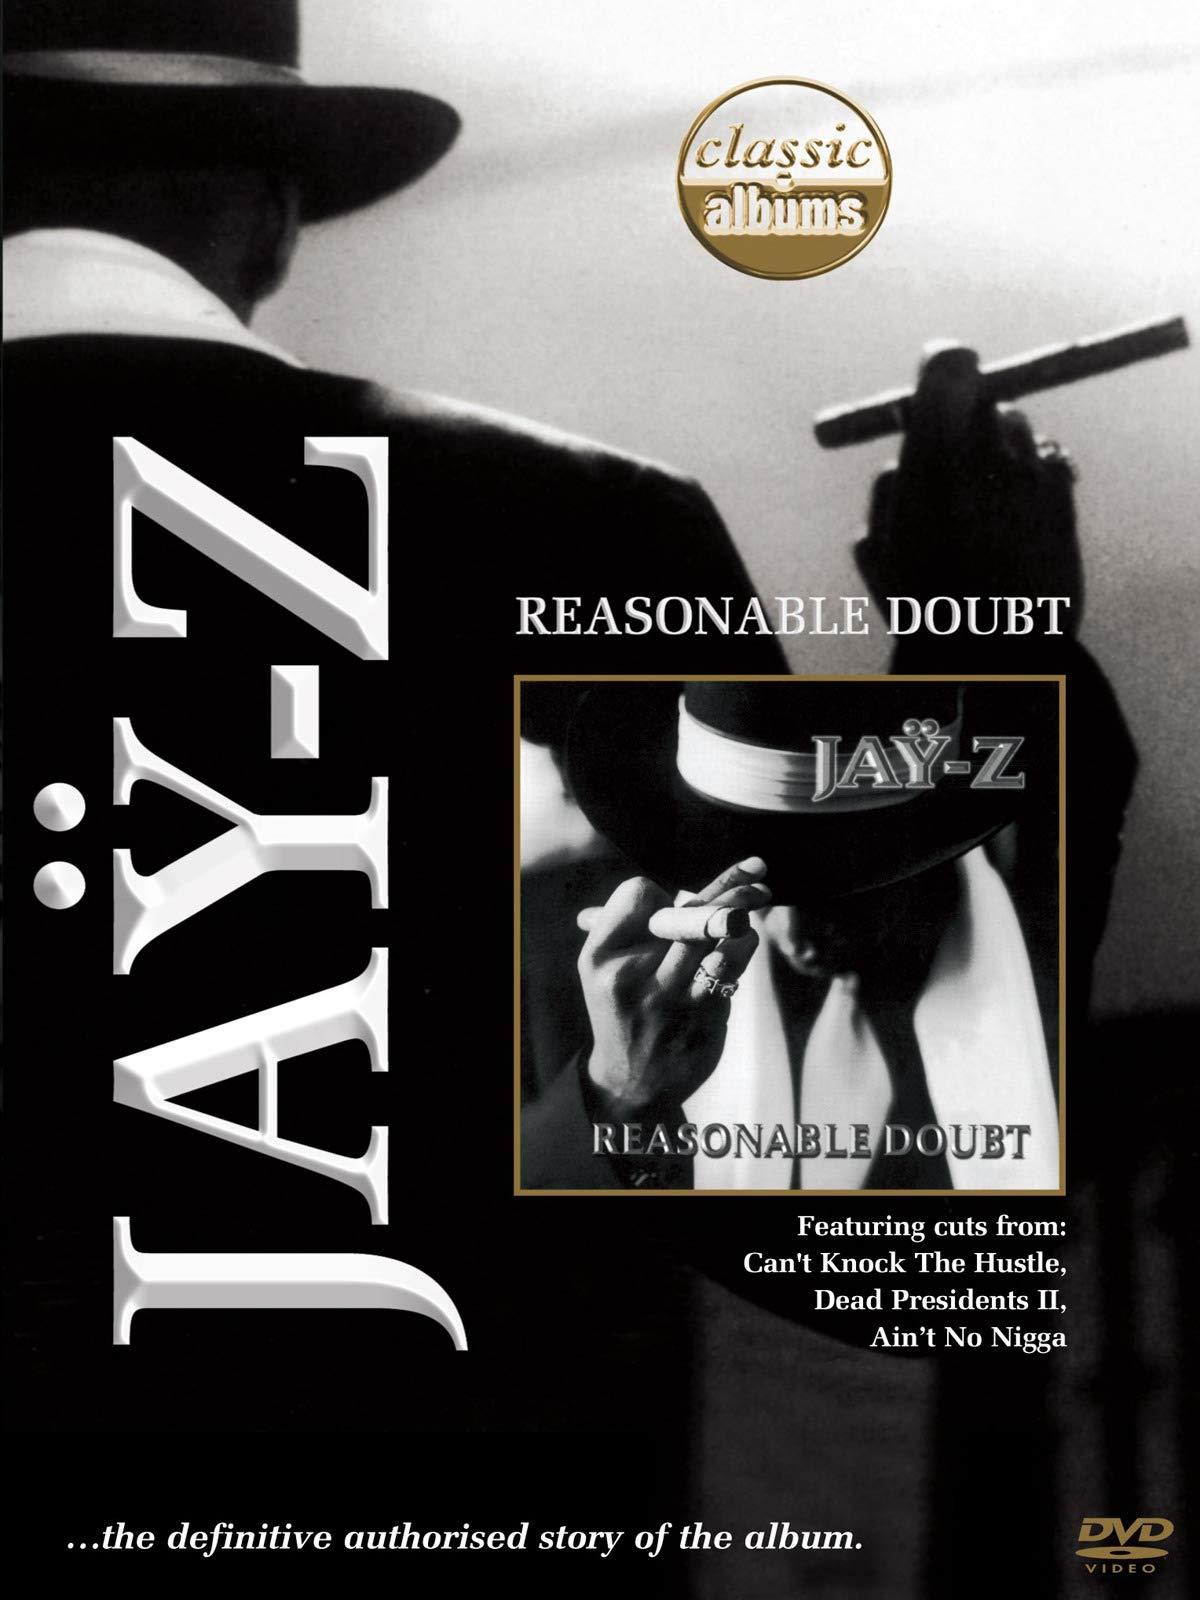 Jay-Z - Reasonable Doubt (Classic Album) on Amazon Prime Video UK